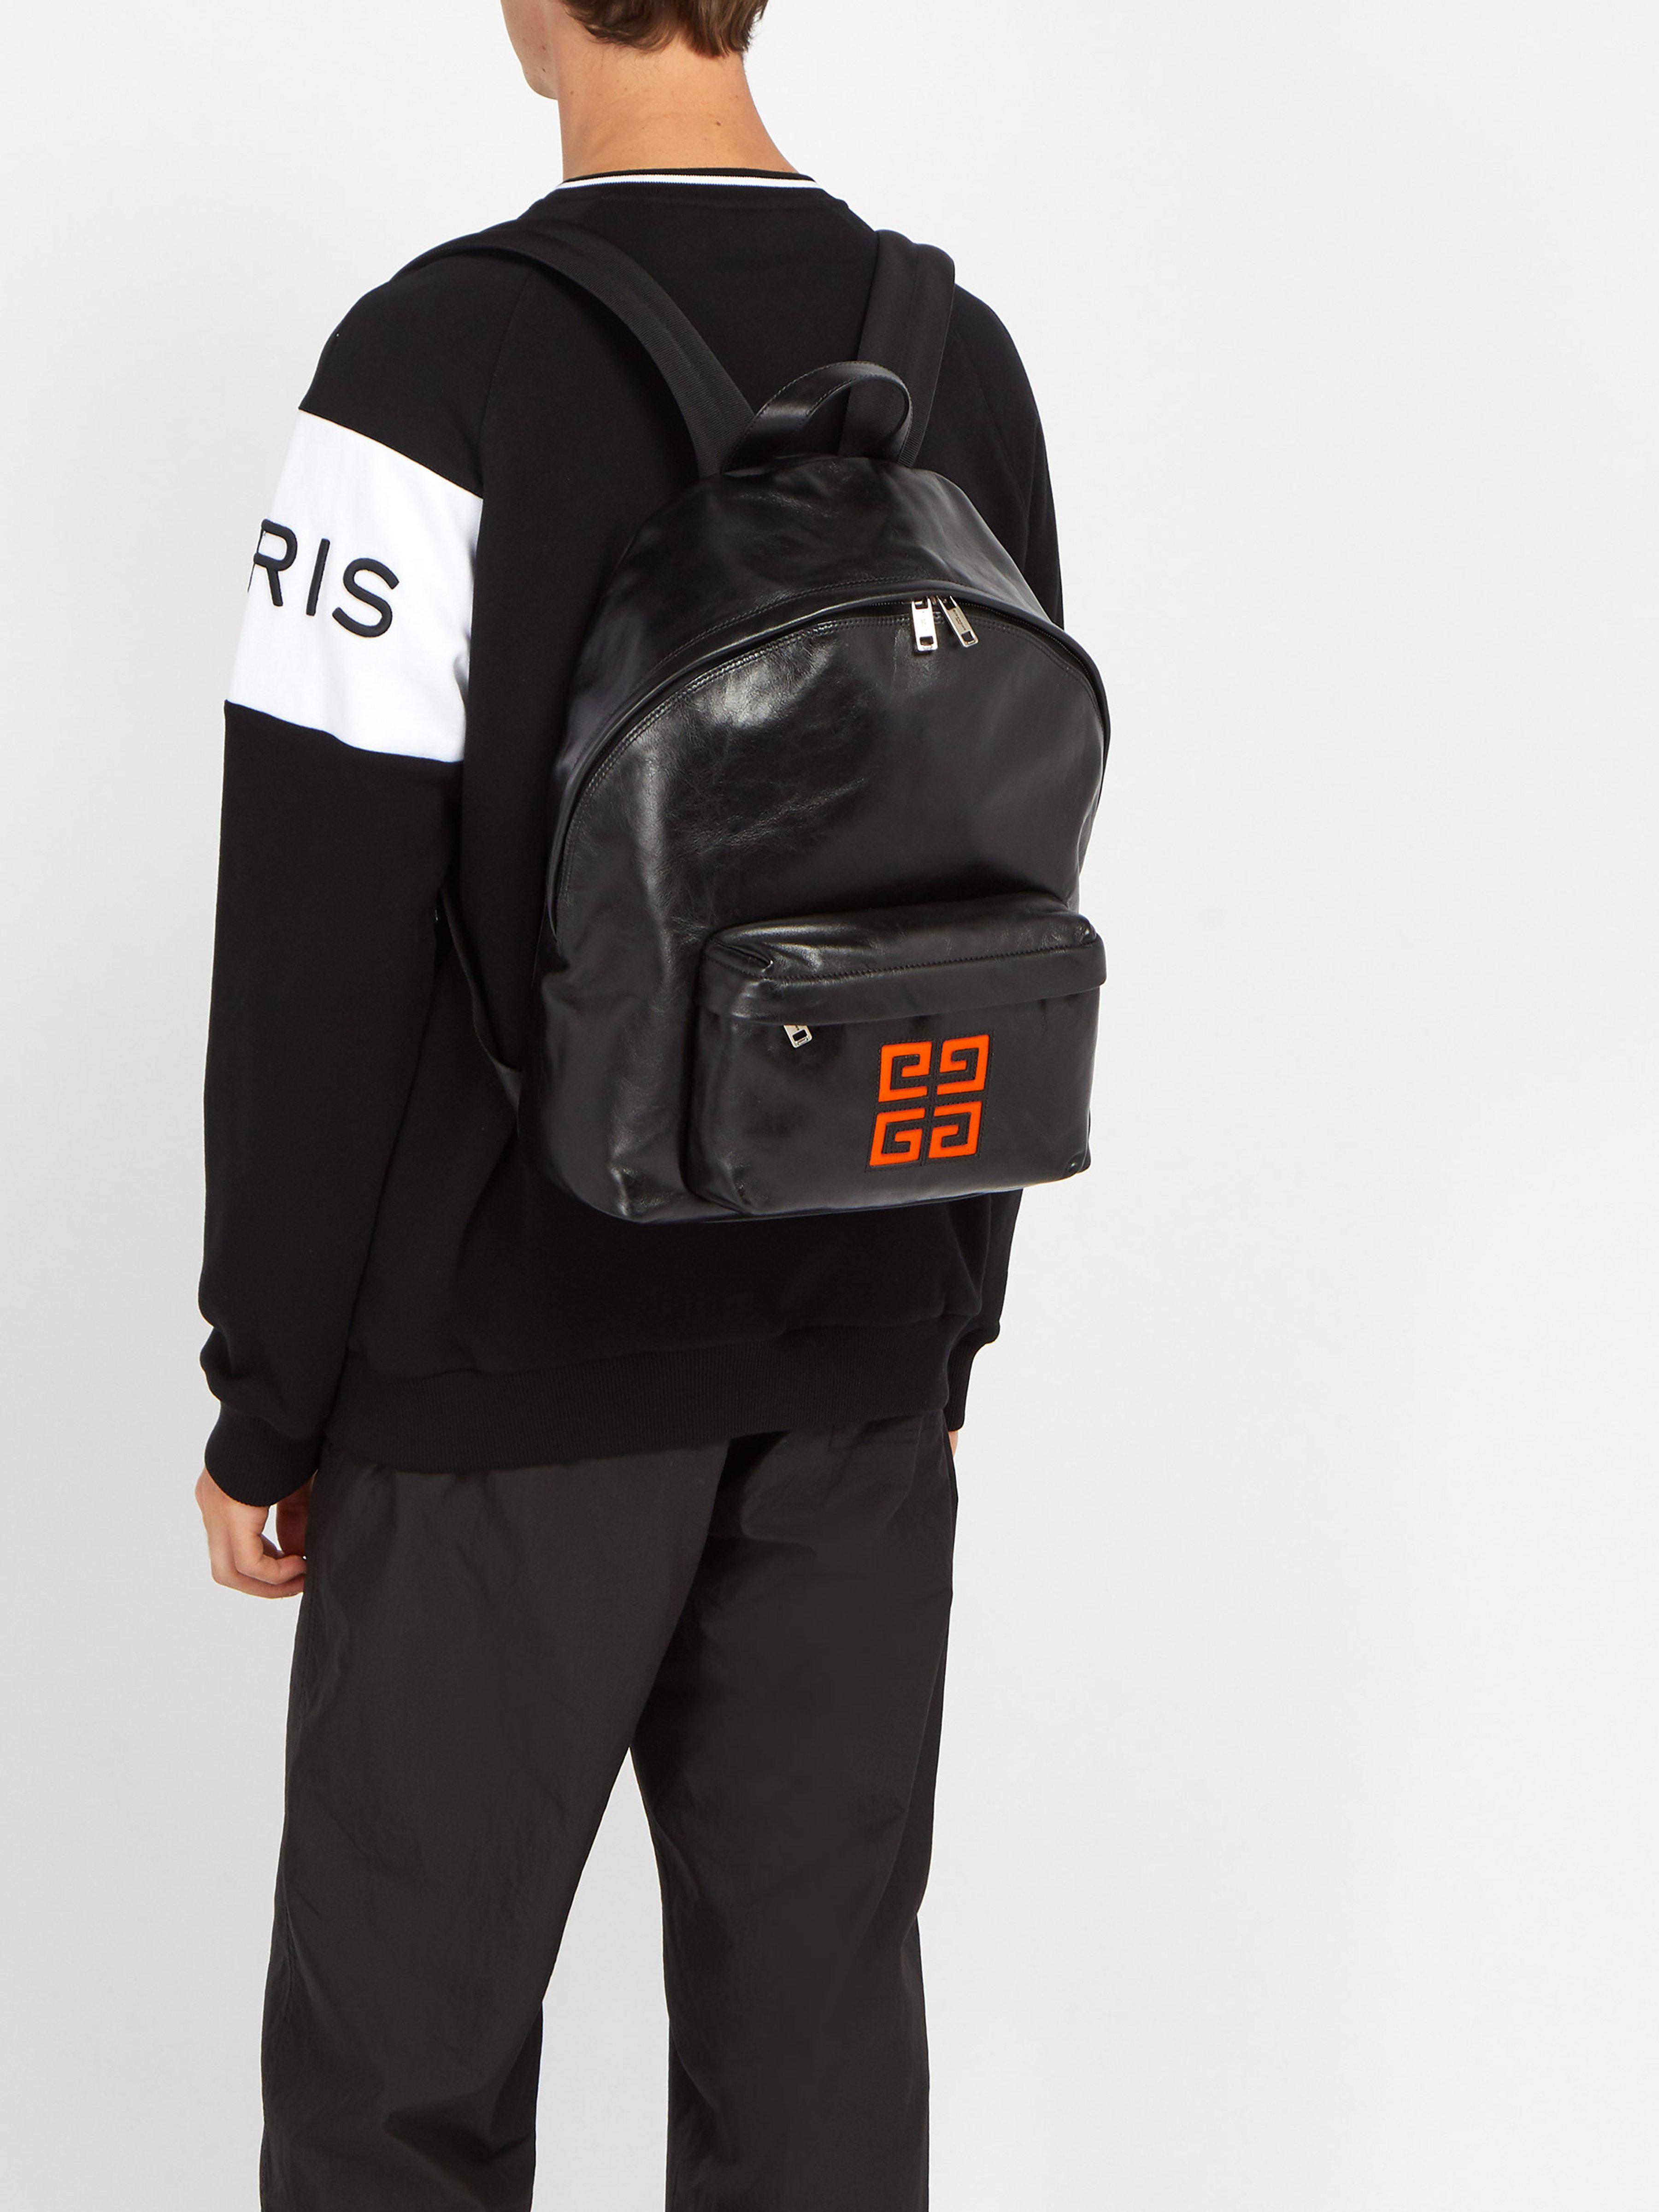 4g En Givenchy Noir À Pour Coloris Logo Sac Homme Lyst Dos Cuir O0Yt1qPw